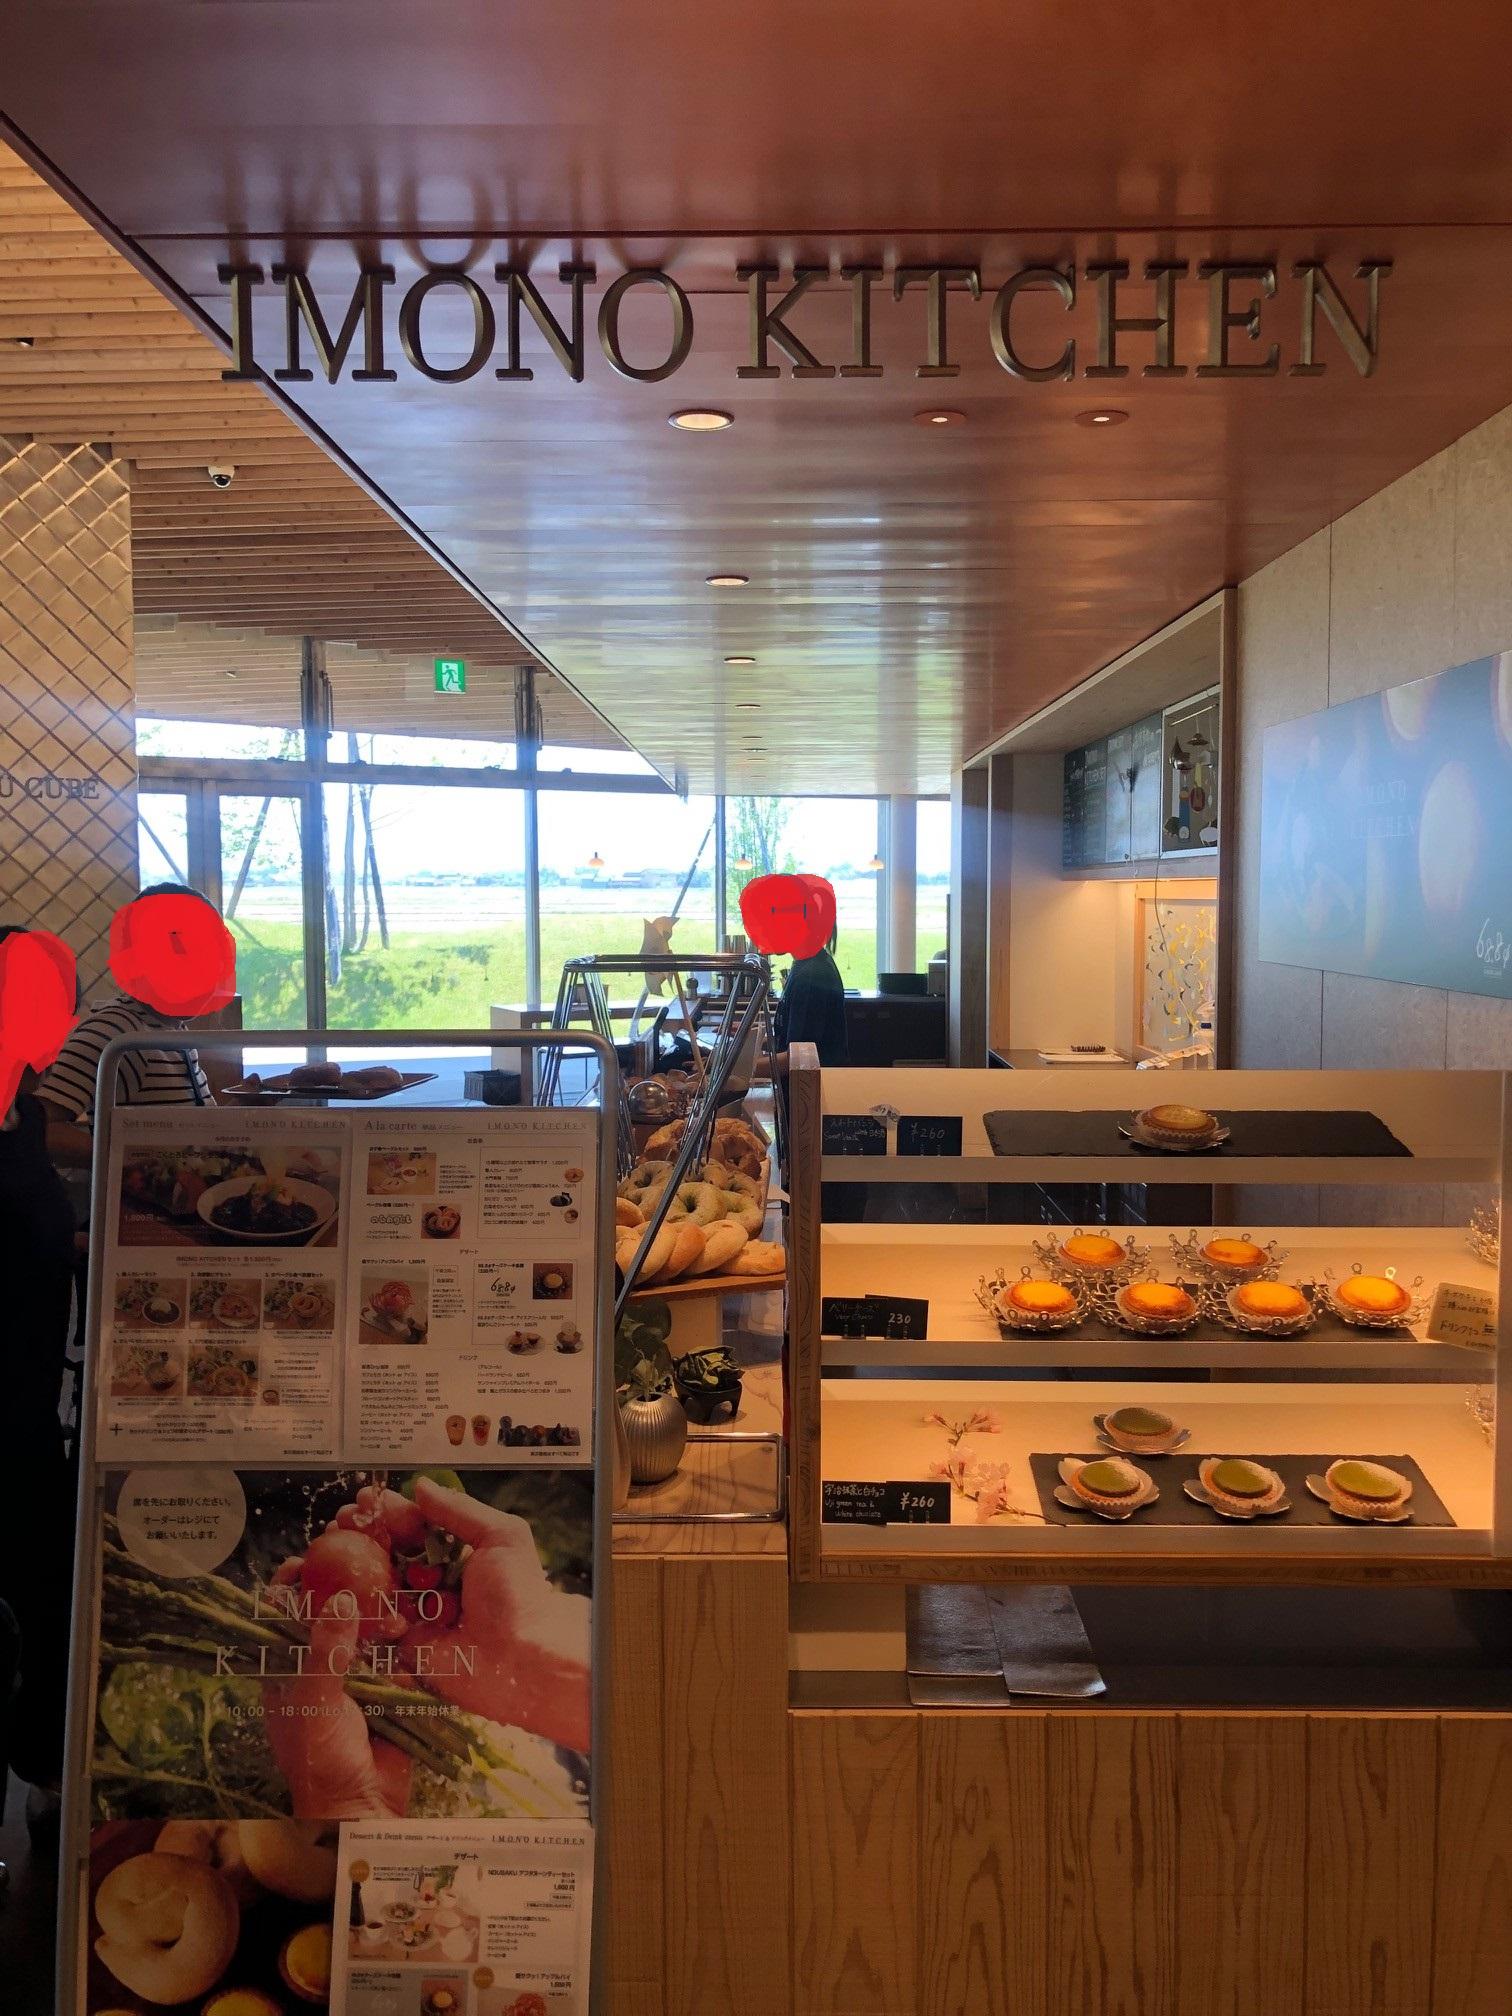 全国能作直営店をめぐる旅行記 能作カフェ IMONO KITCHEN ~能作の鋳の食器で楽しむ贅沢なランチ&カフェ、子供連れにも優しい!!